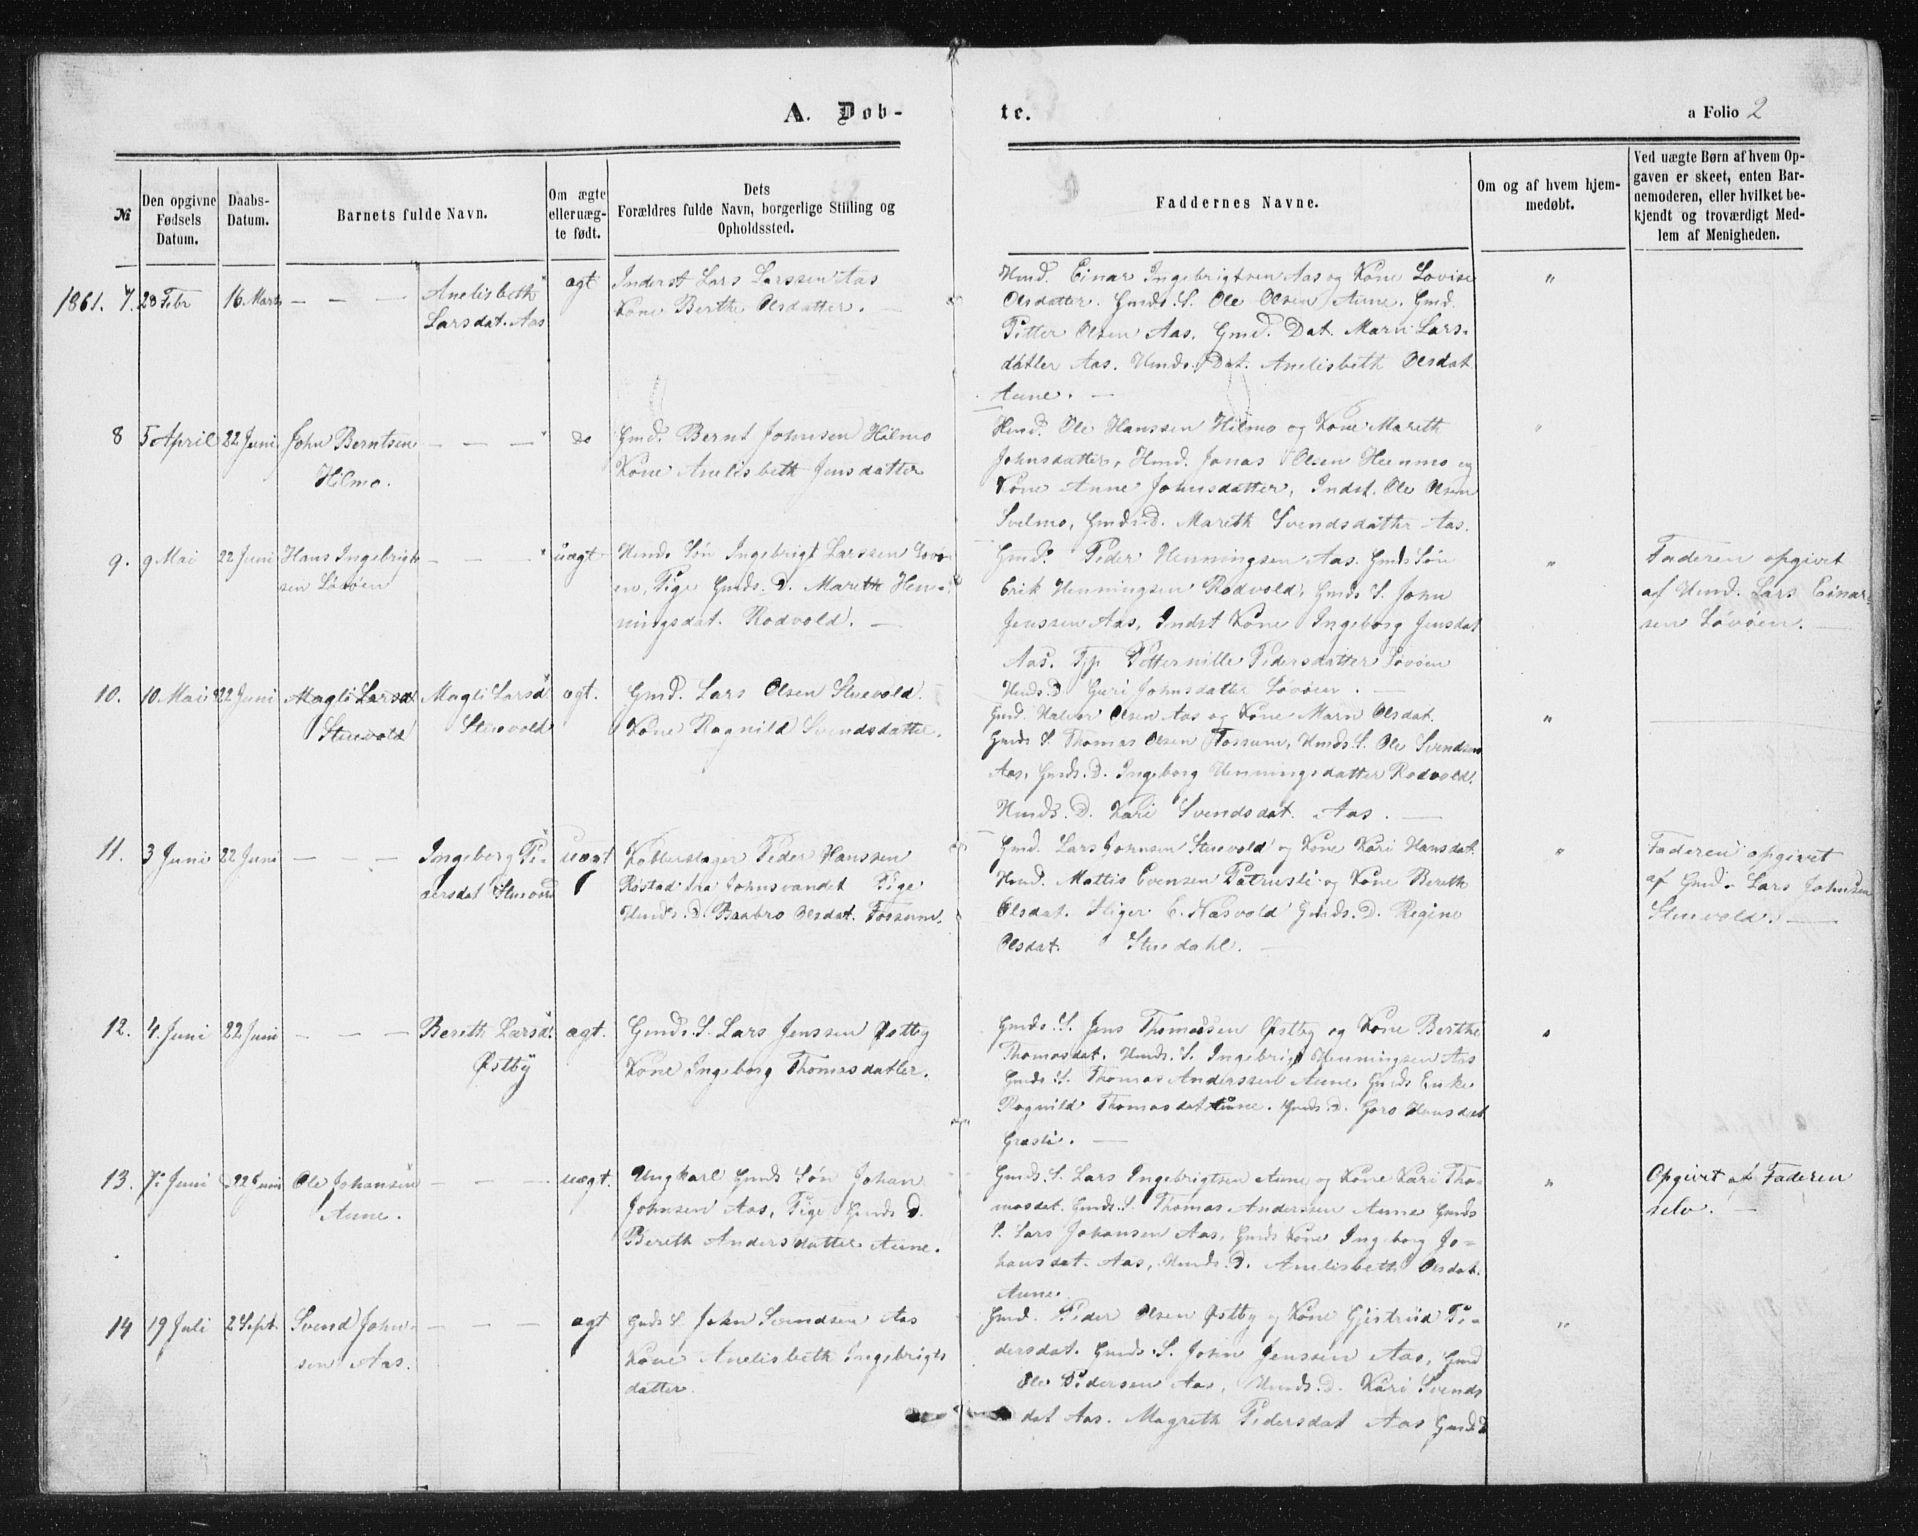 SAT, Ministerialprotokoller, klokkerbøker og fødselsregistre - Sør-Trøndelag, 698/L1166: Klokkerbok nr. 698C03, 1861-1887, s. 2